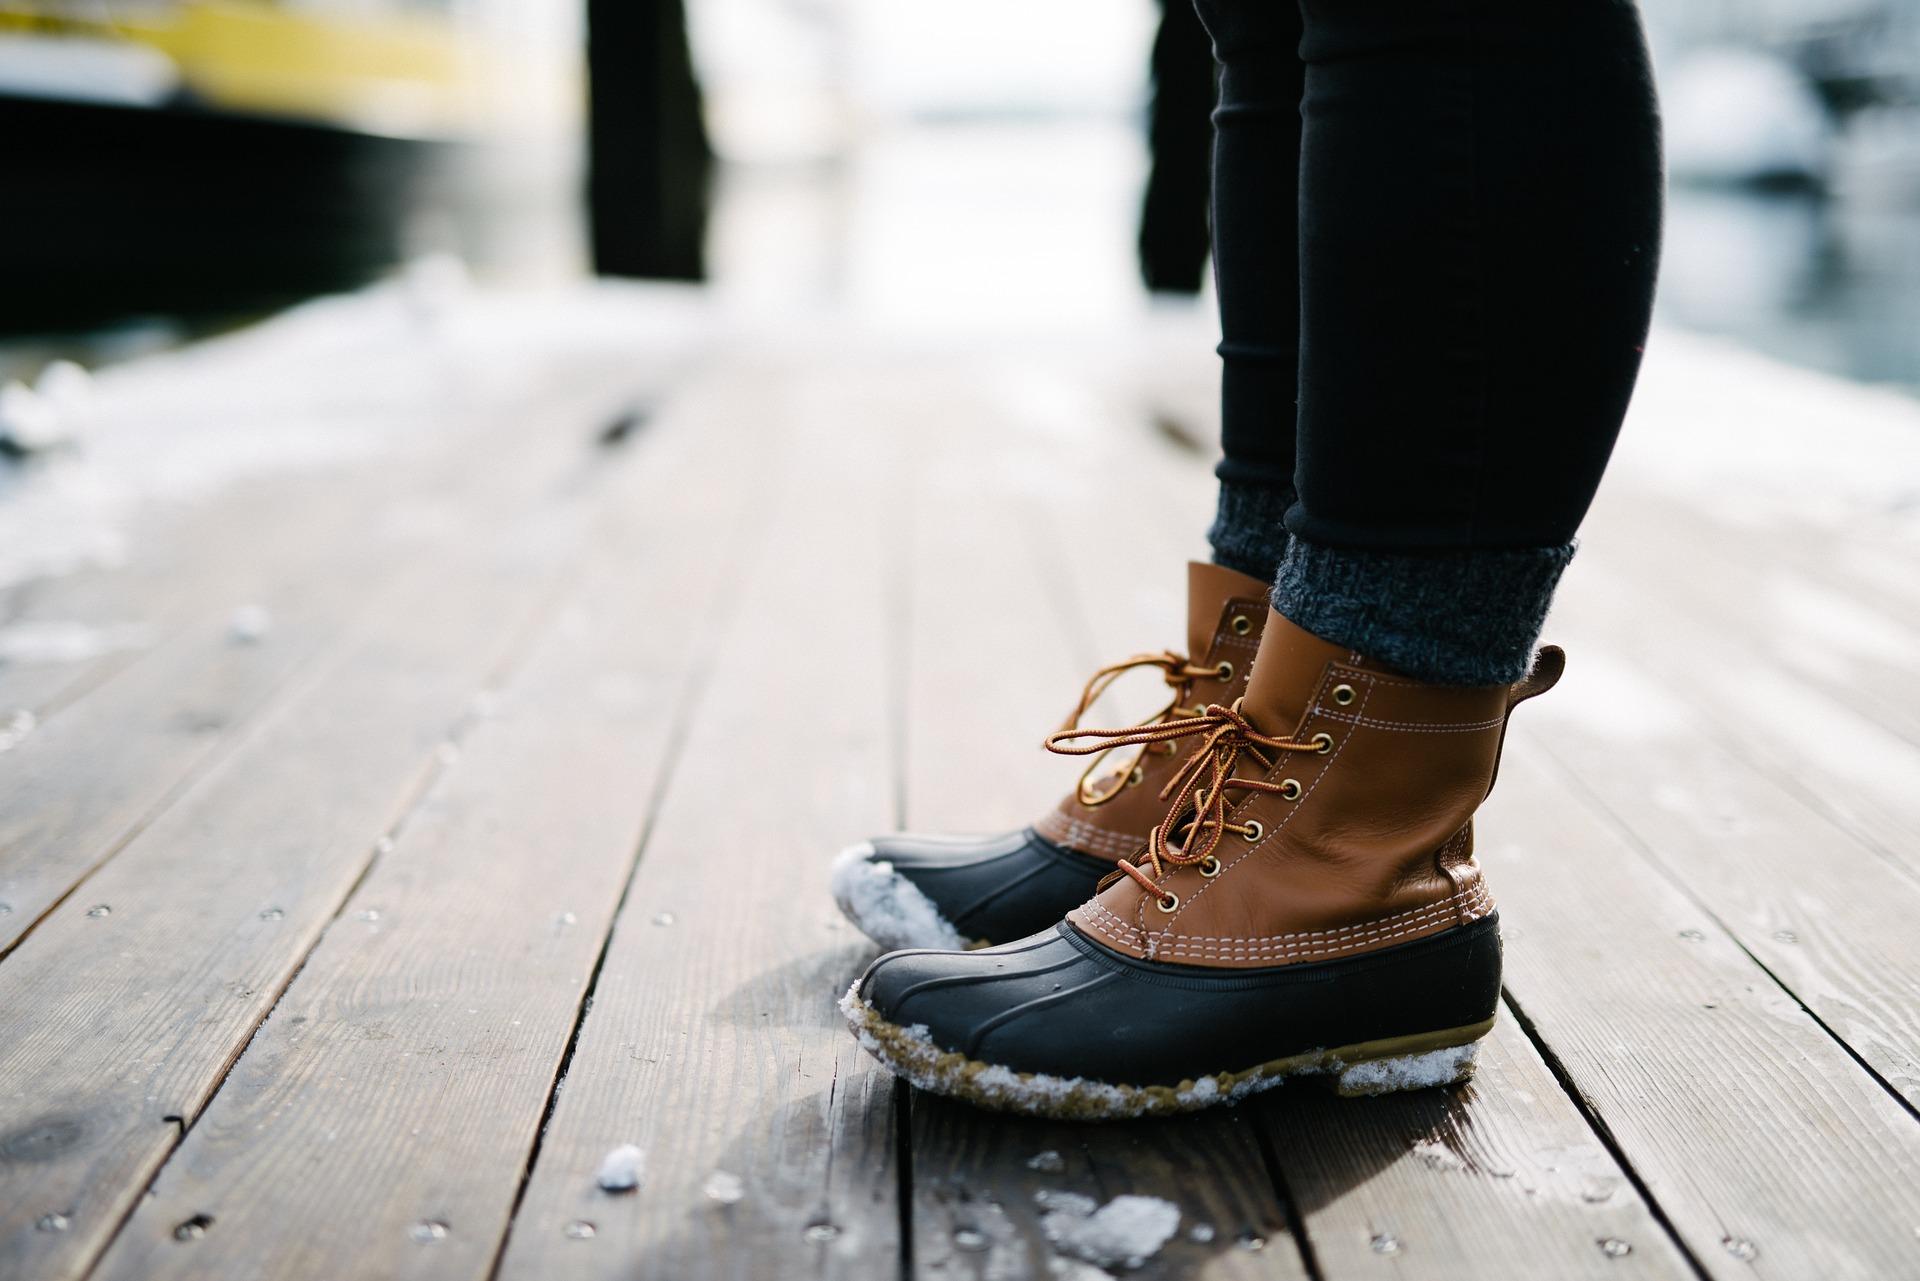 Beine einer Person, trägt Winterstiefel und dicke Socken.